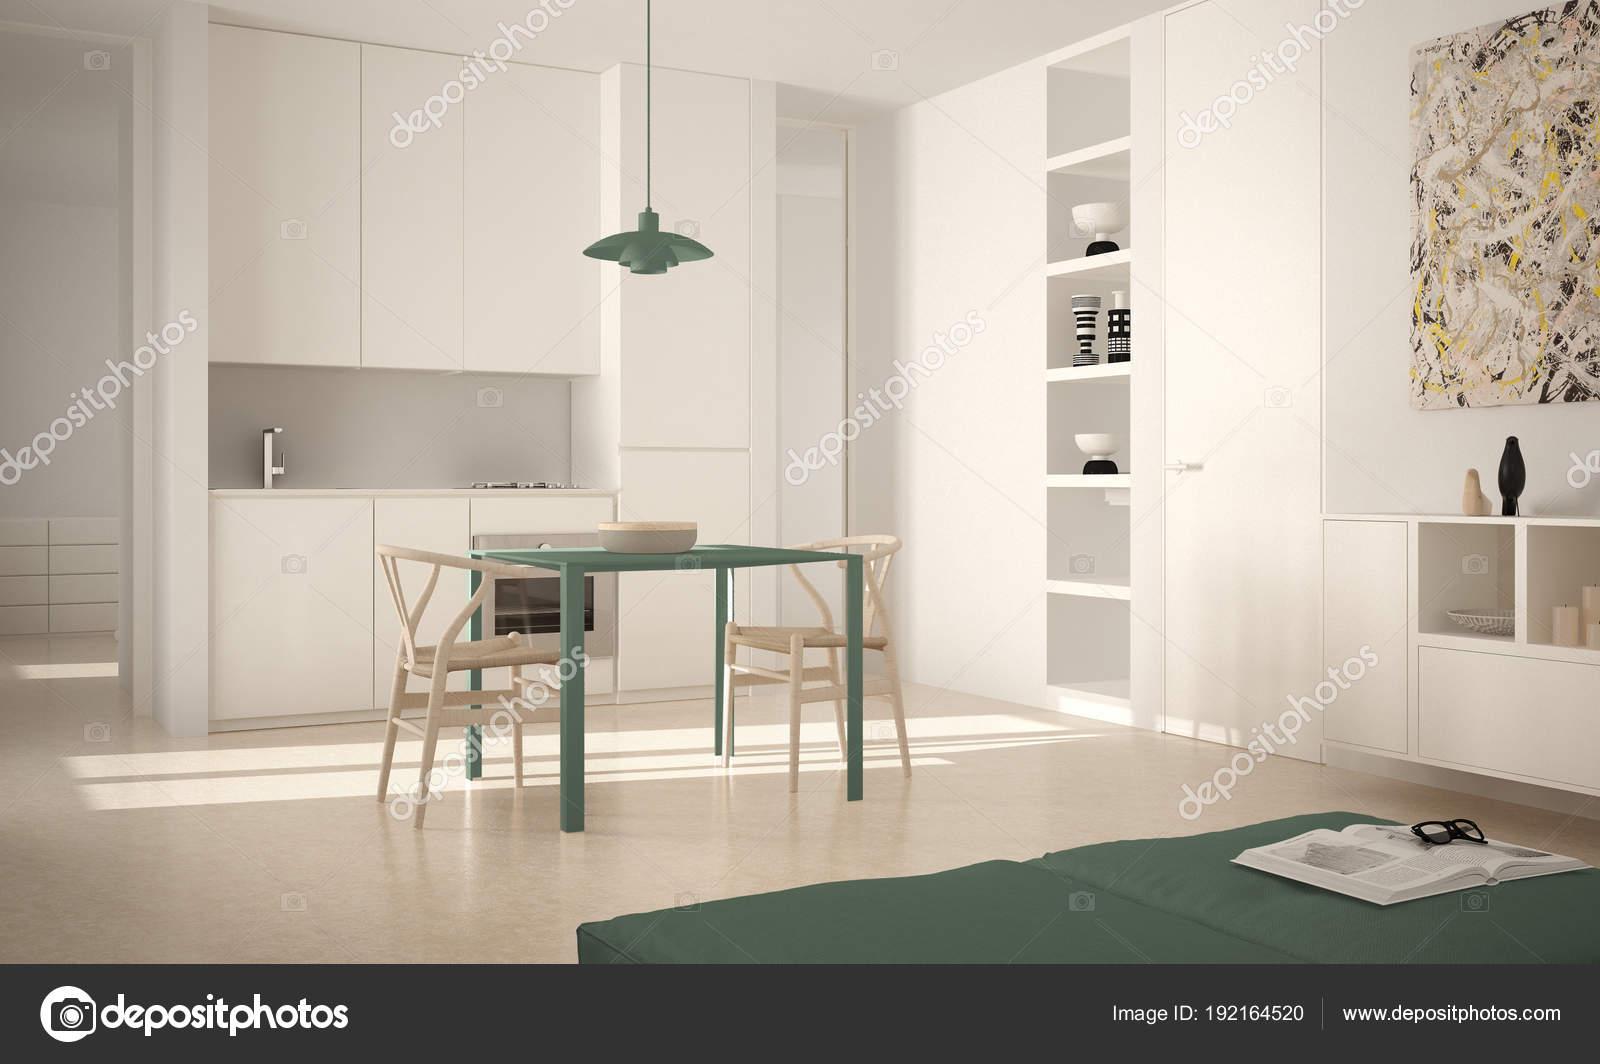 Minimalistische moderne lichte keuken met eettafel en stoelen